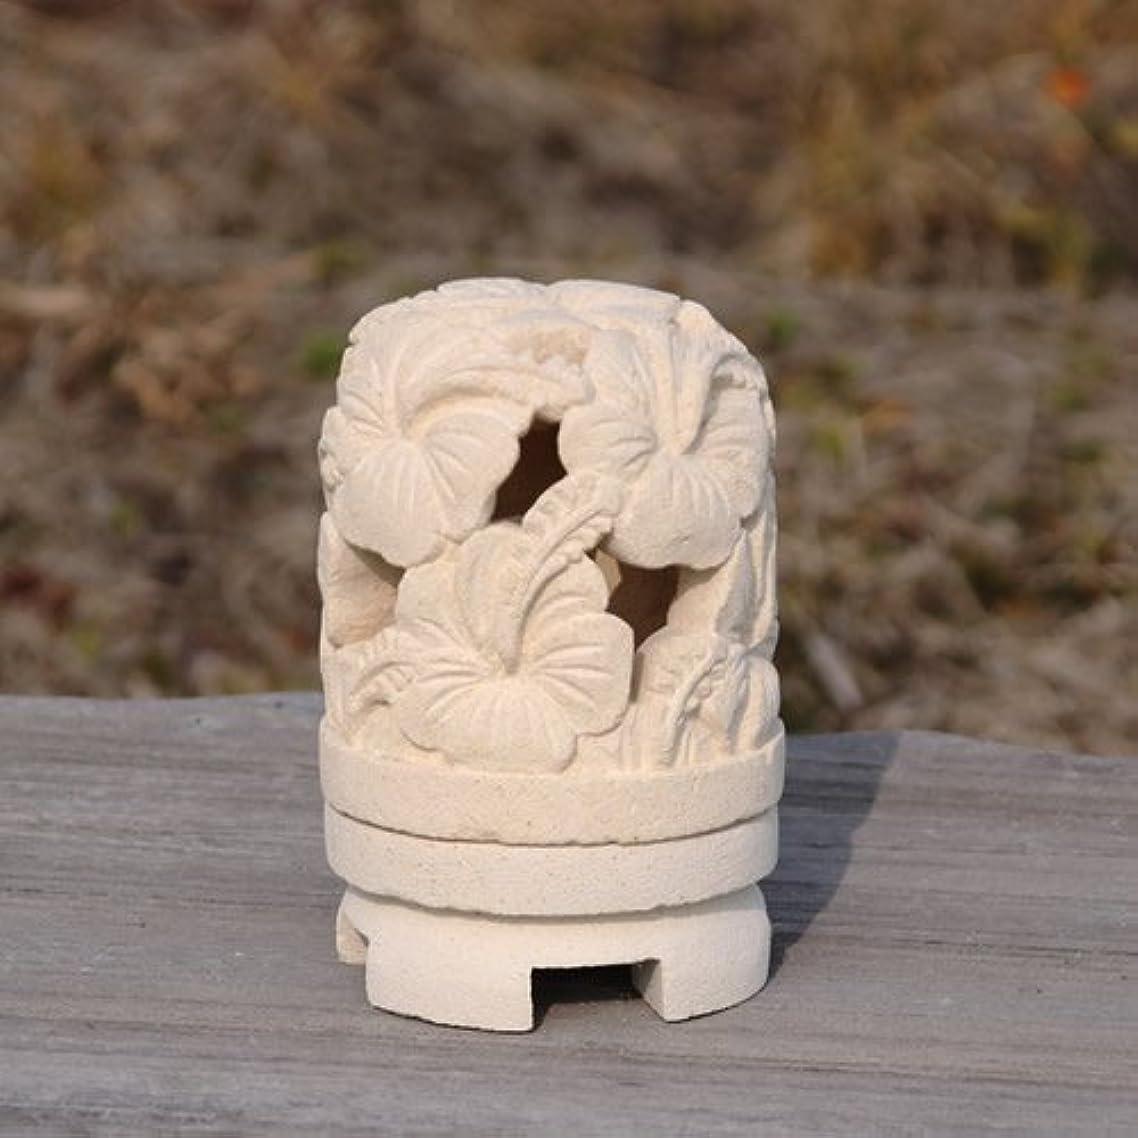 印刷するおなかがすいた間違えたライムストーンで出来たハンドメイドの丸いキャンドルホルダー (タイプB(ハイビスカス))